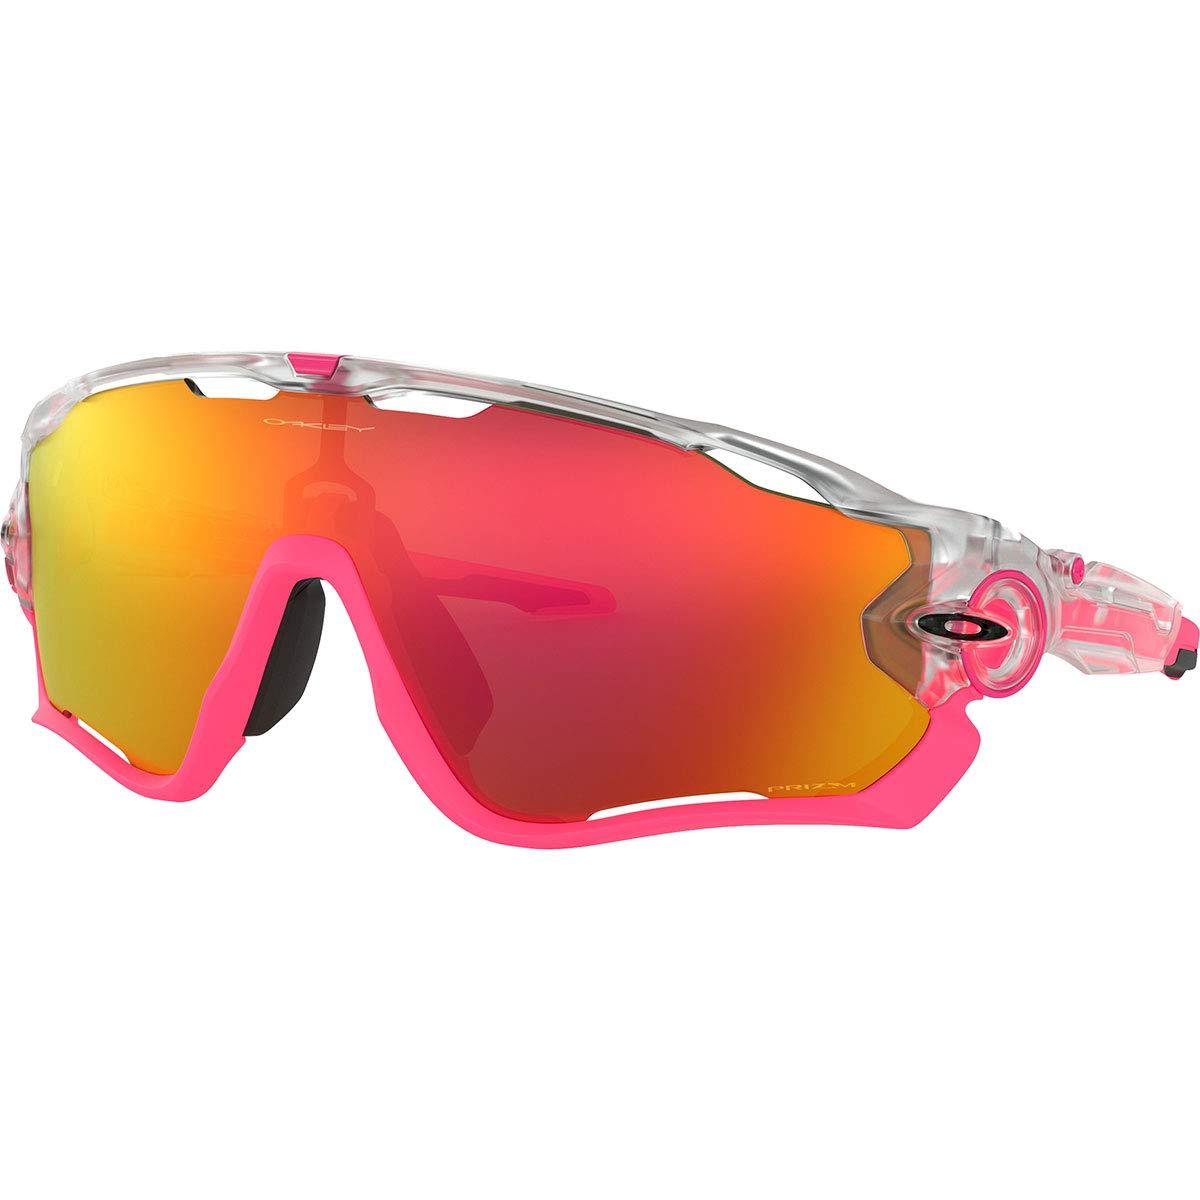 Oakley Men's OO9290 Jawbreaker Shield Sunglasses, Matte Clear/Prizm Ruby, 31 mm by Oakley